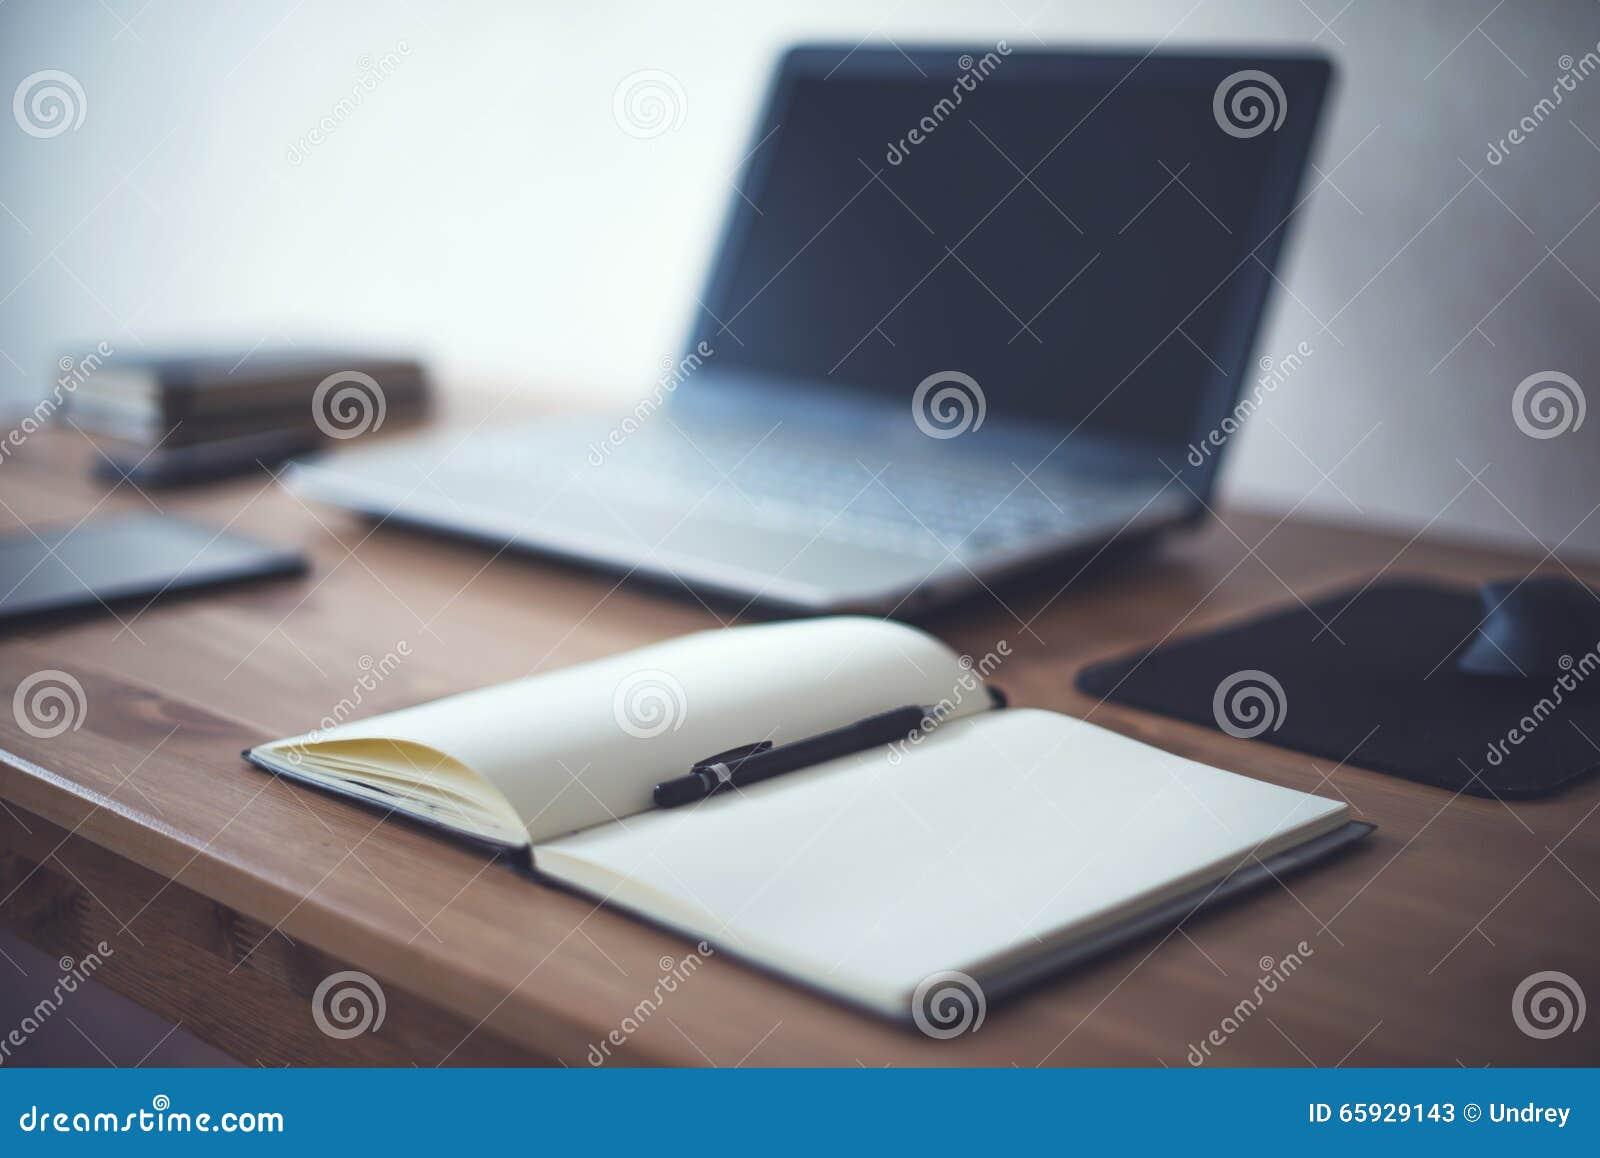 O espaço de trabalho à moda do freelancer com trabalho aberto do bloco de notas do portátil utiliza ferramentas em casa ou local